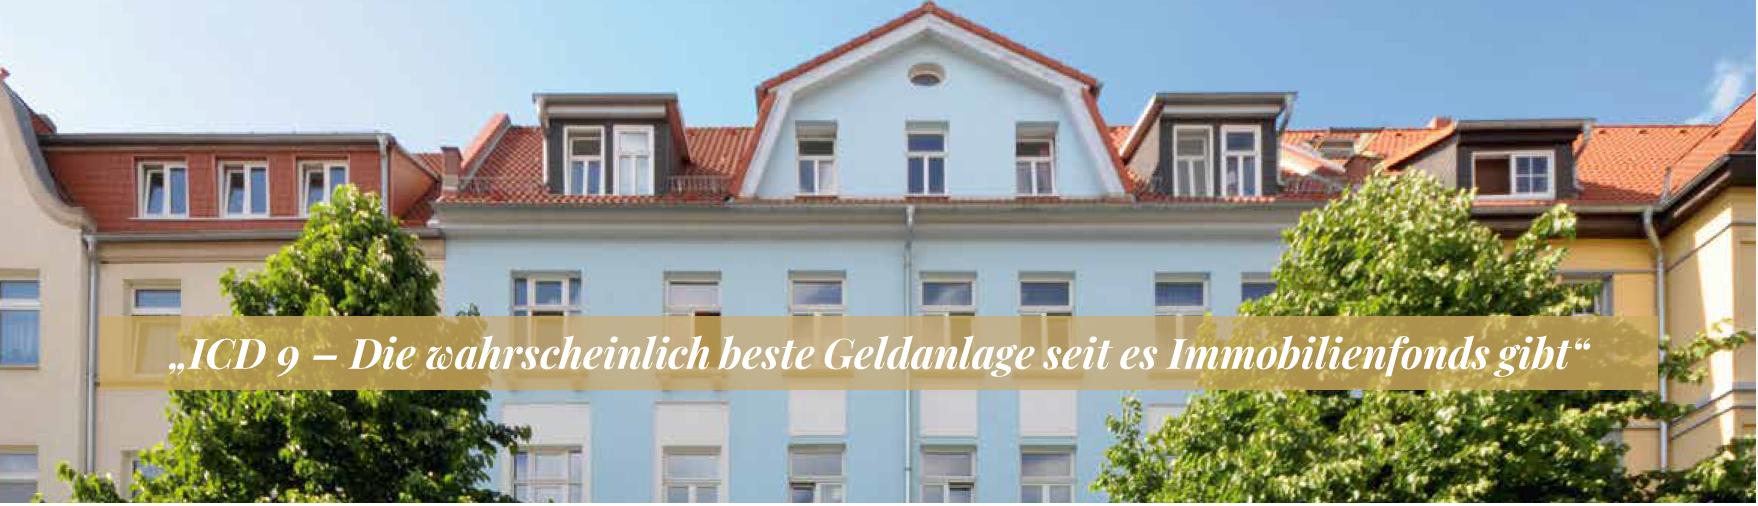 ICD 9 - ImmoChance Deutschland